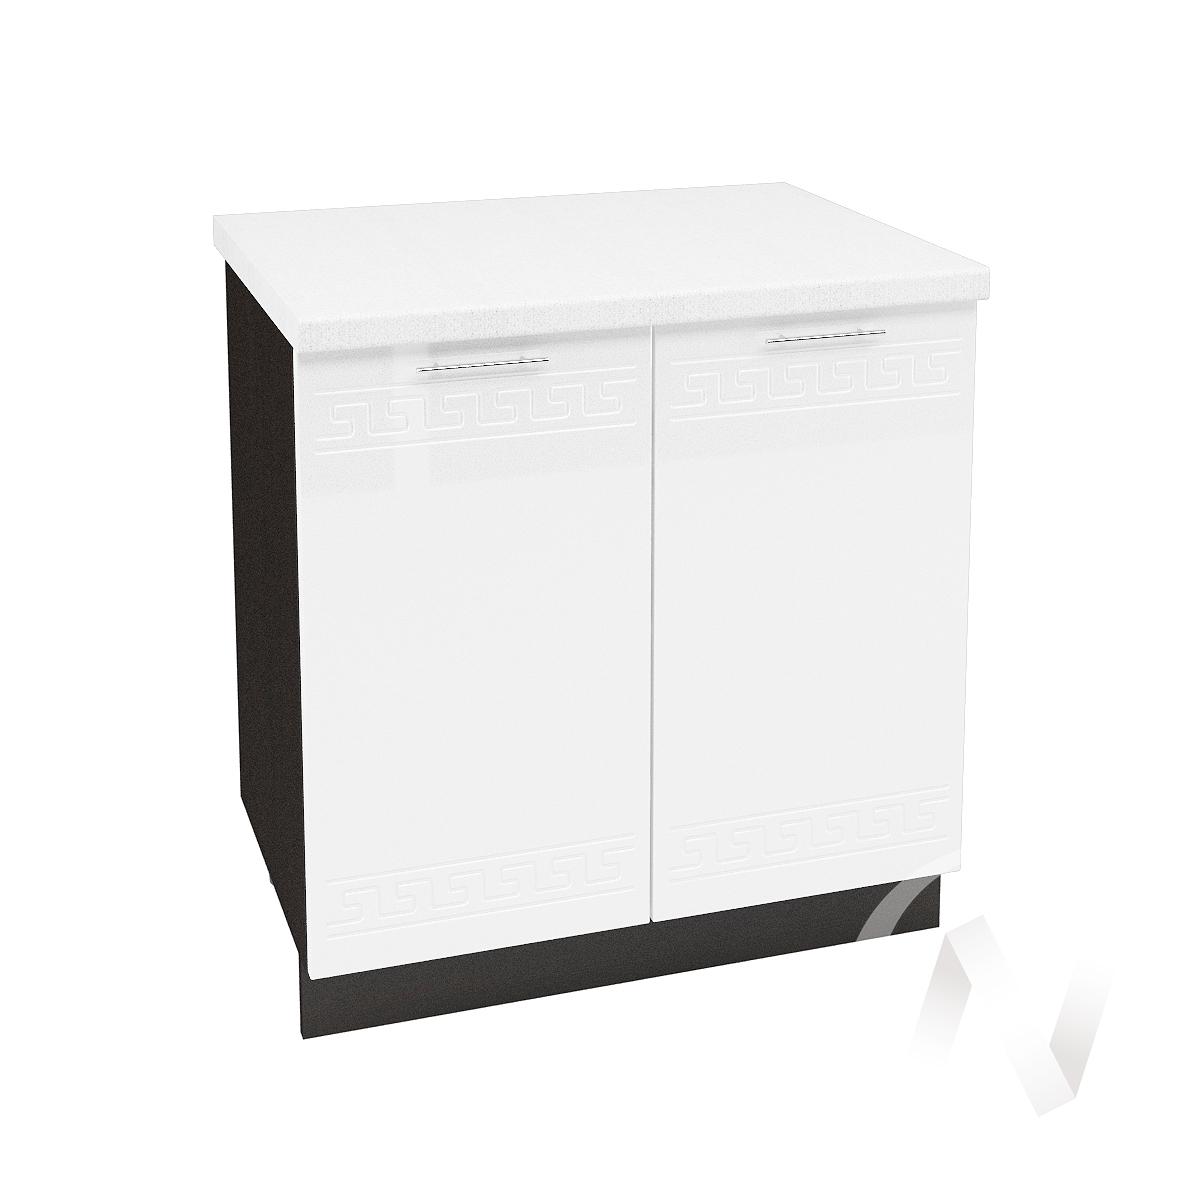 """Кухня """"Греция"""": Шкаф нижний 800, ШН 800 (белый металлик/корпус венге)"""